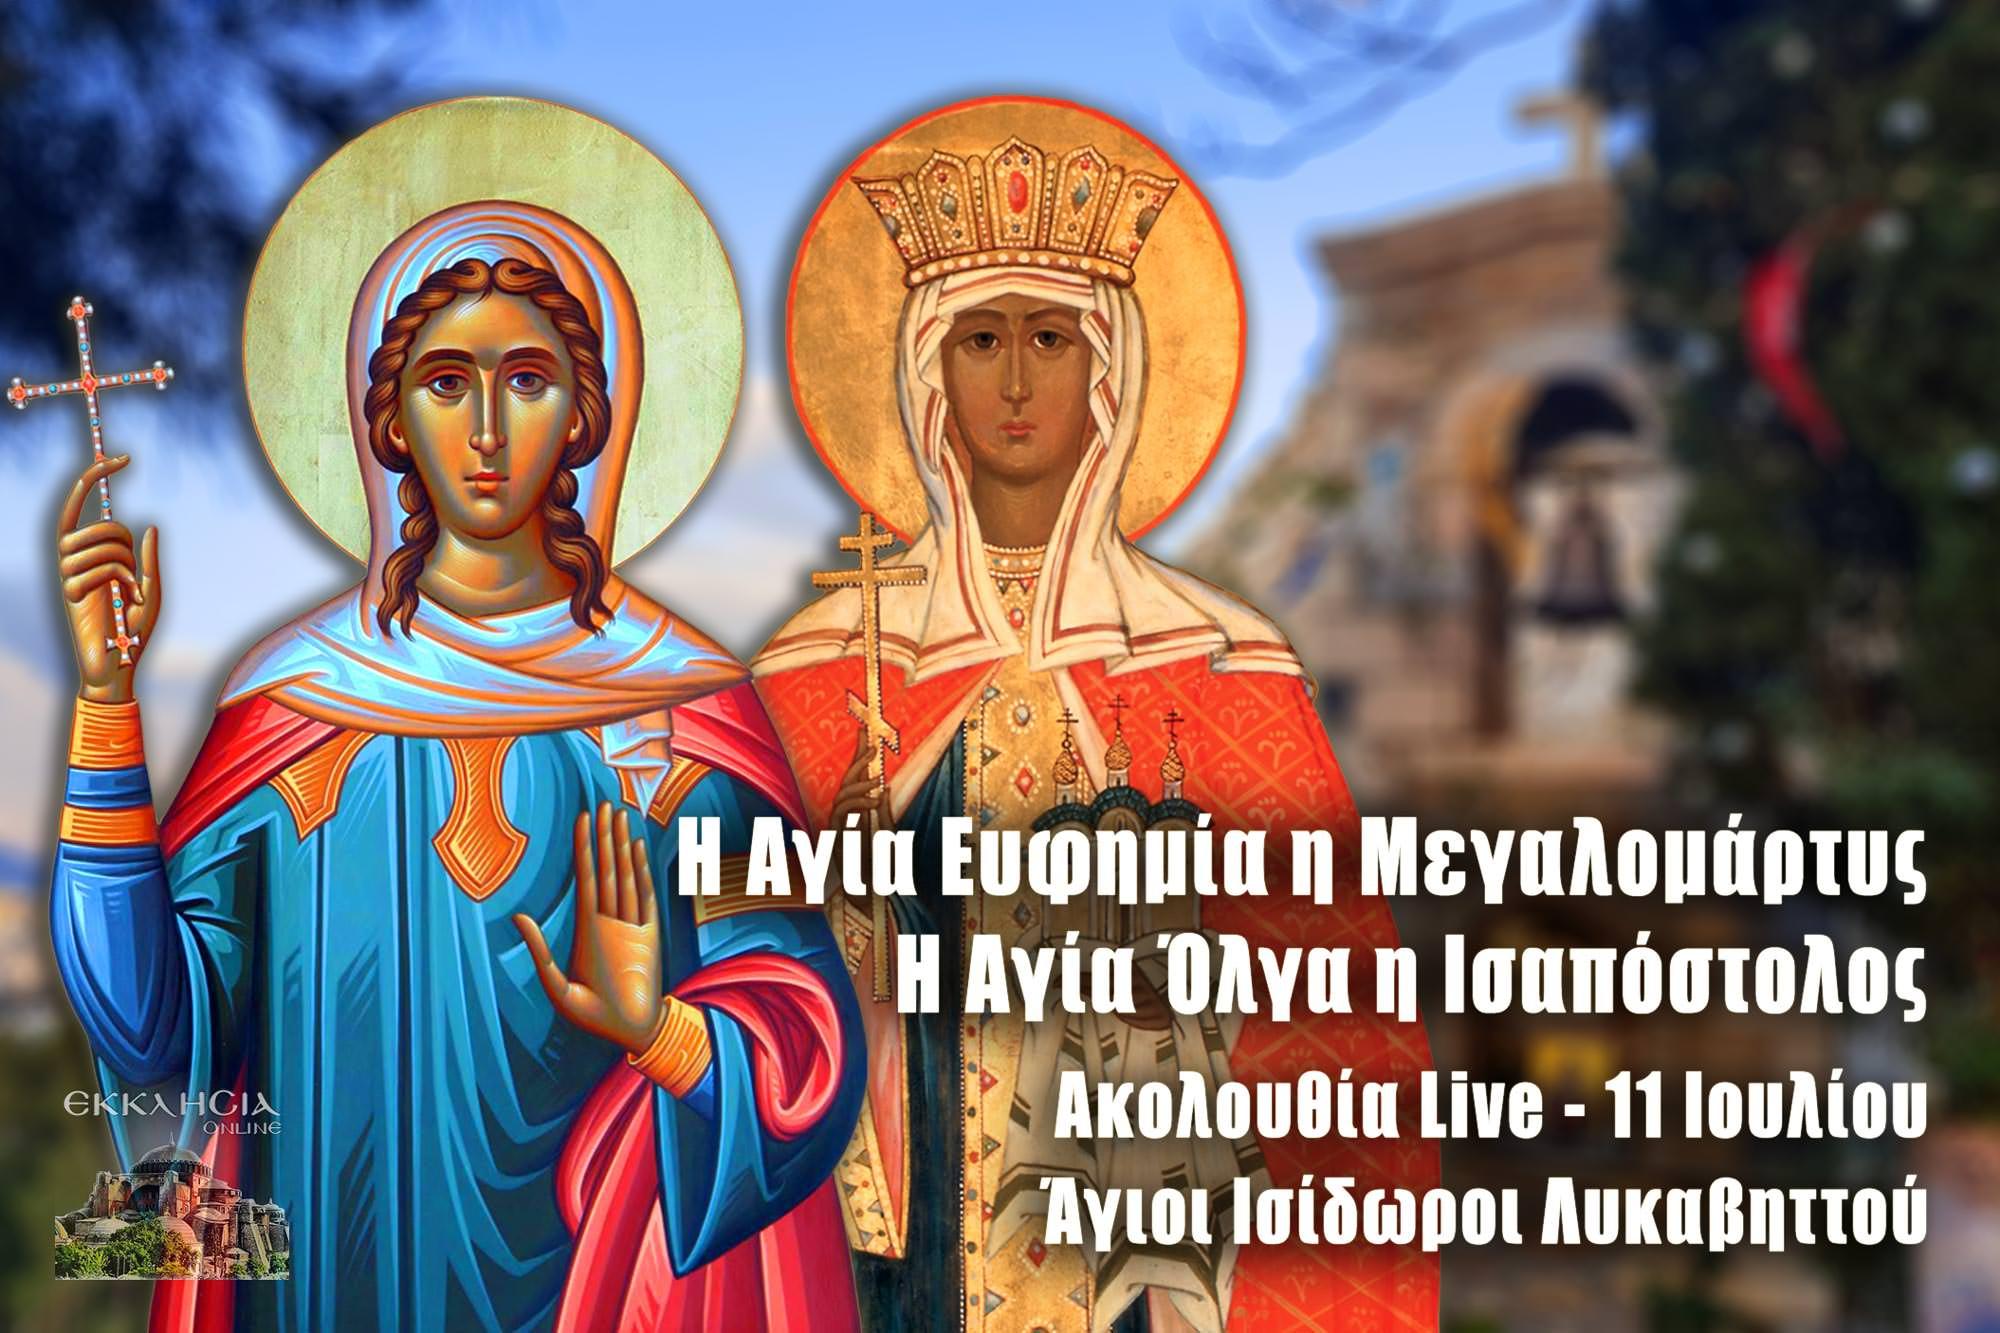 Αγία Ευφημία Αγία Όλγα Λυκαβηττός 11 Ιουλίου Ζωντανά